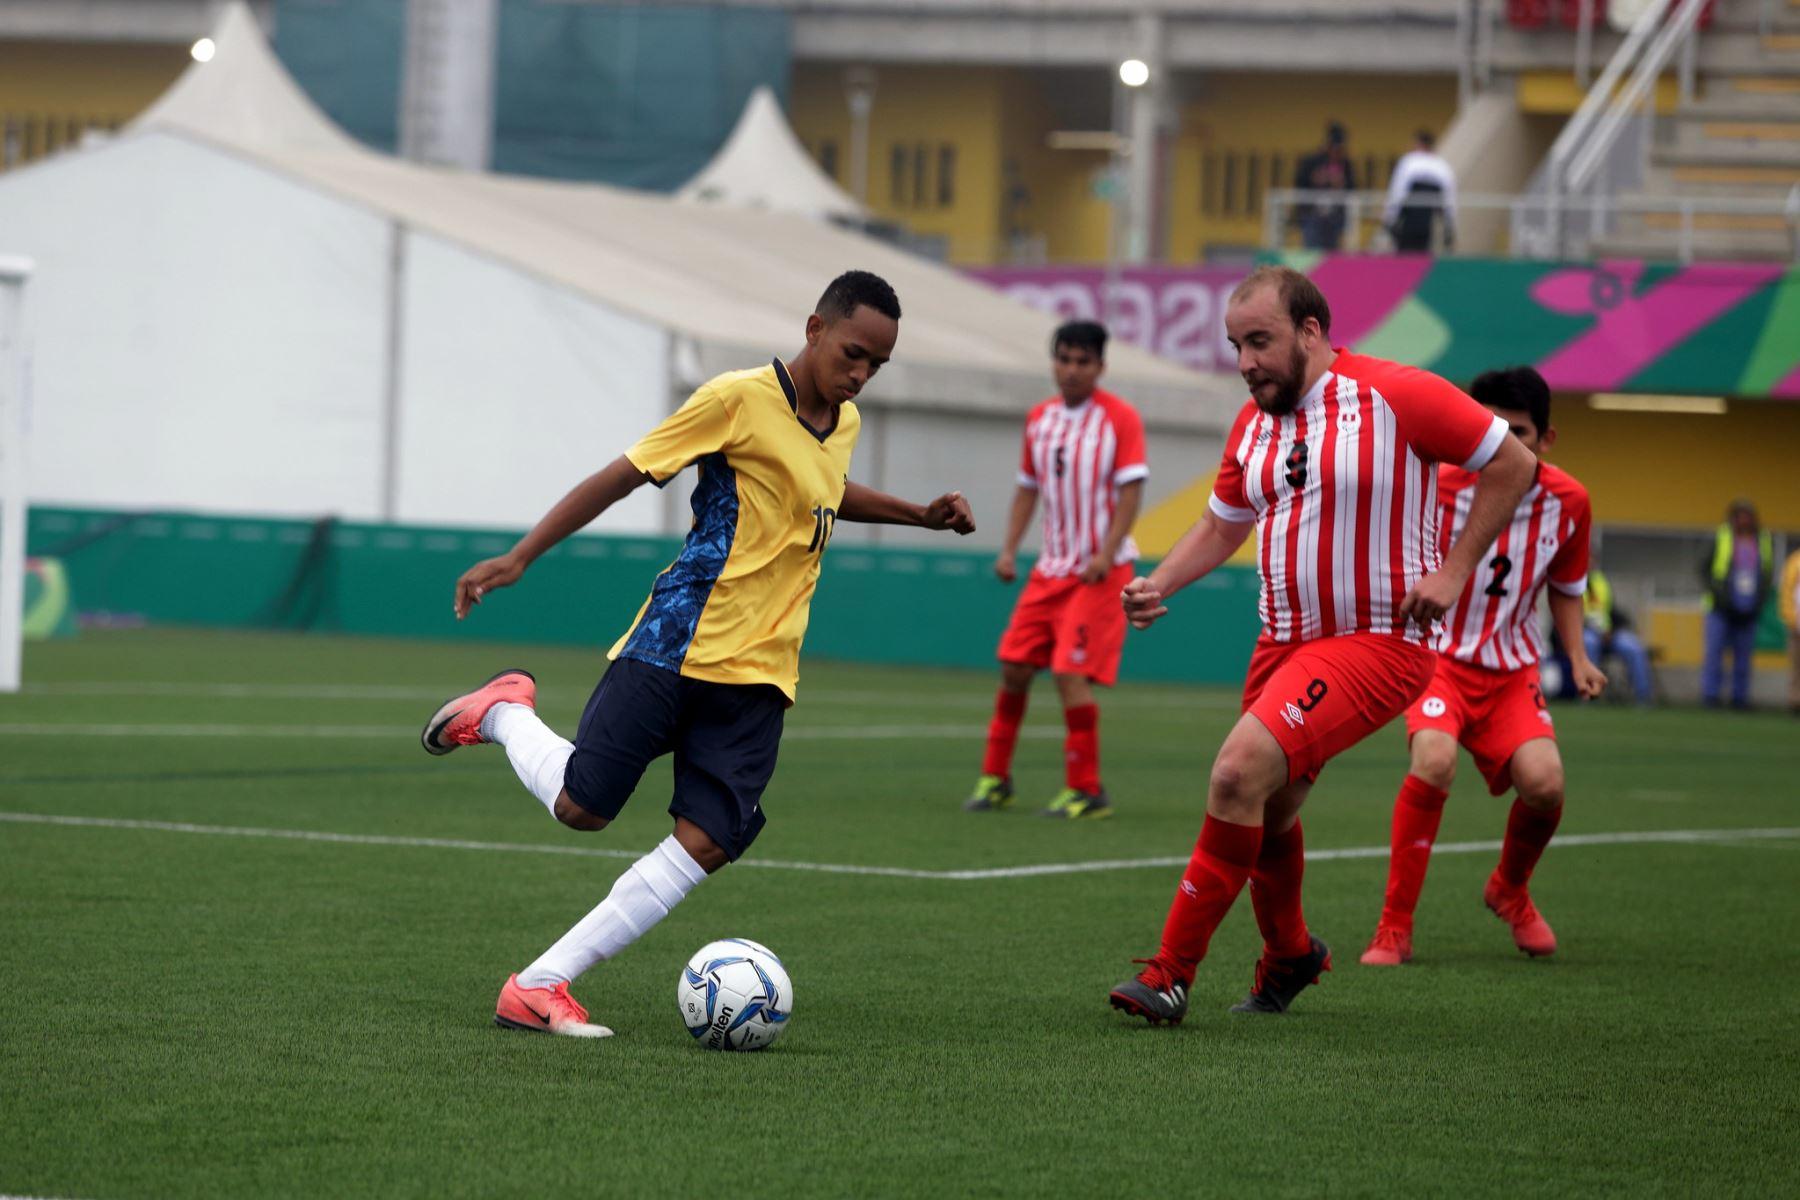 El fútbol 7 vuelve a cautivar a los aficionados